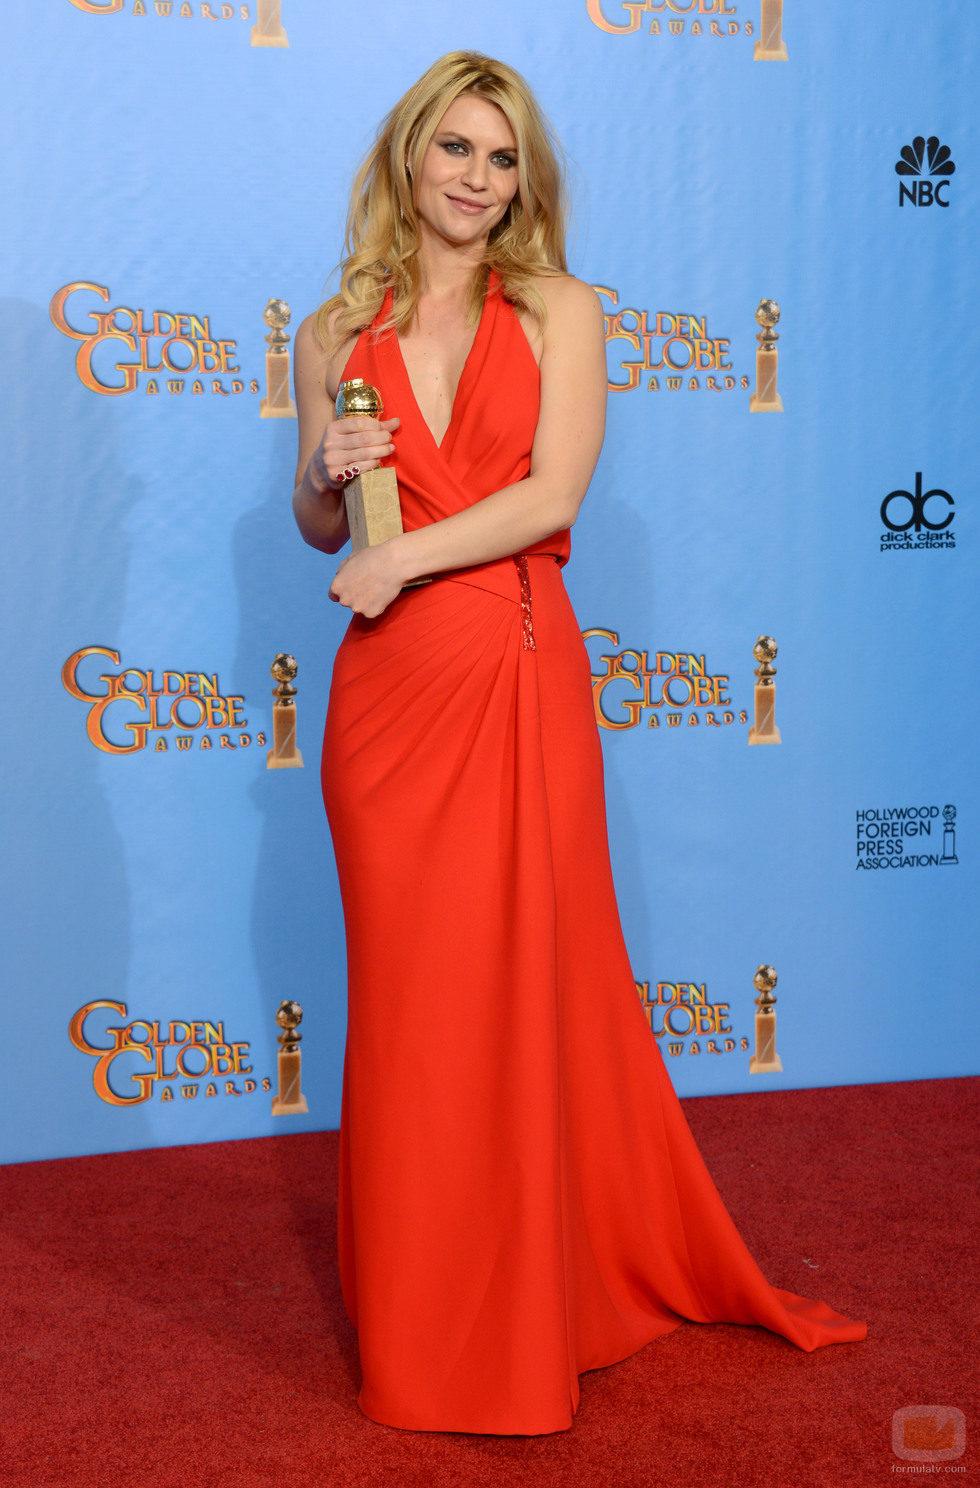 Claire Danes, Mejor Actriz de Drama por 'Homeland' en los Globos de Oro 2013